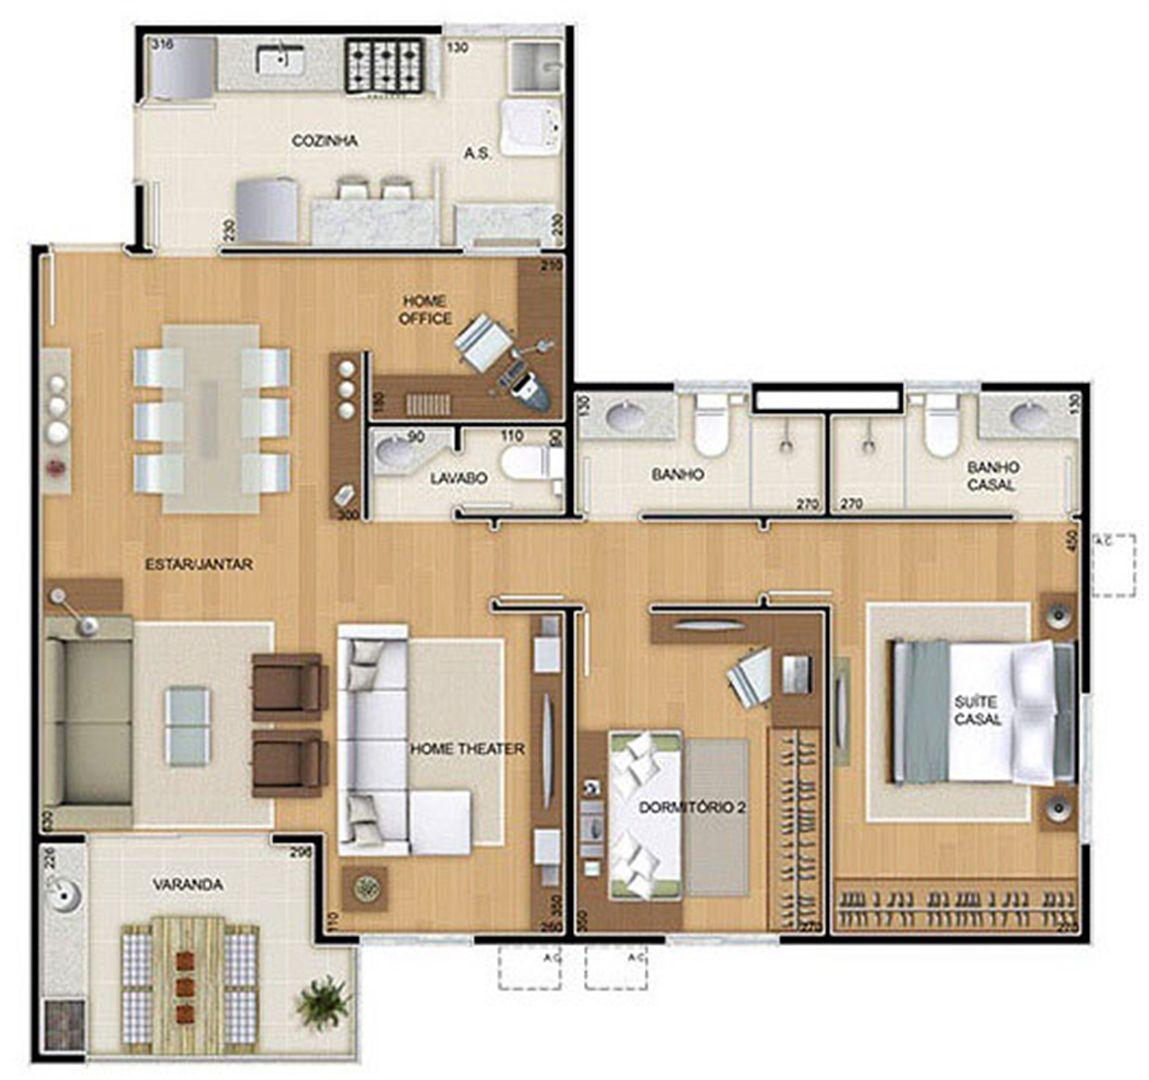 Torres 1 e 4 - 3 Quartos - 96 m² - Planta opção - 2 Quartos e Sala Ampliada | Reserva Verde Residencial Park – Apartamento em  Laranjeiras - Serra - Espírito Santo